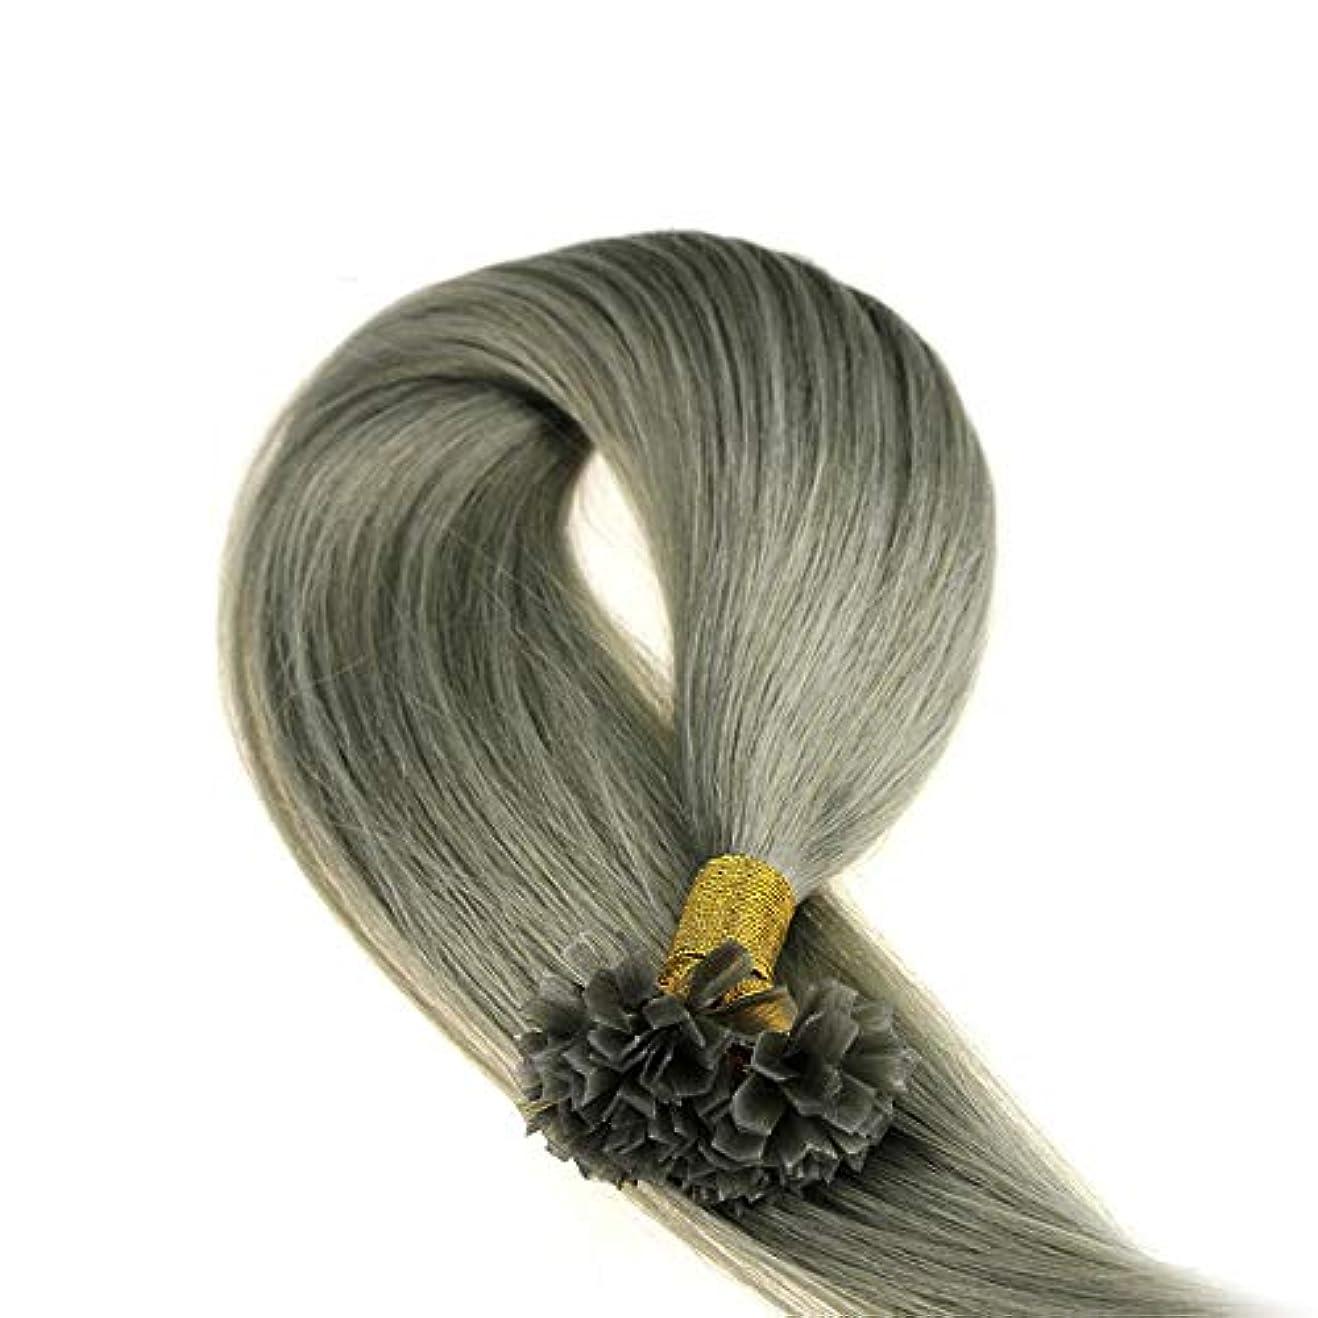 ルーフ細心の力WASAIO ヘアエクステンションクリップUnseamed髪型交換ミックスグレー色のデュアル人間の髪を引かれます (色 : グレー, サイズ : 28 inch)